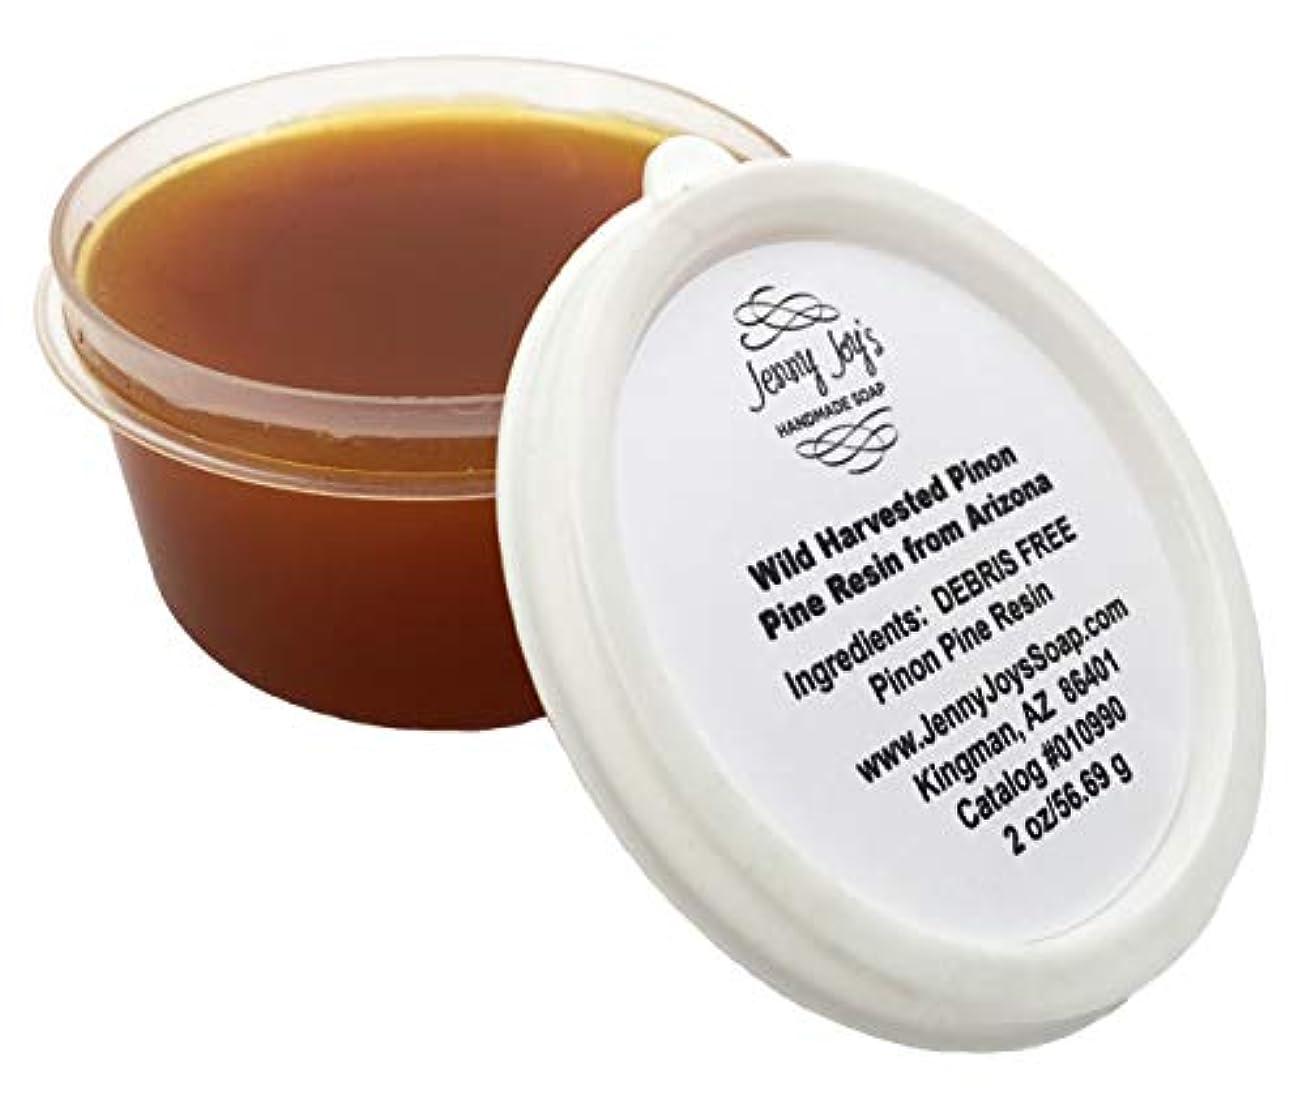 チューブ関係ライバルオーガニック ピニョン 松 純化された樹脂 アリゾナ産 2 oz. イエロー 010990